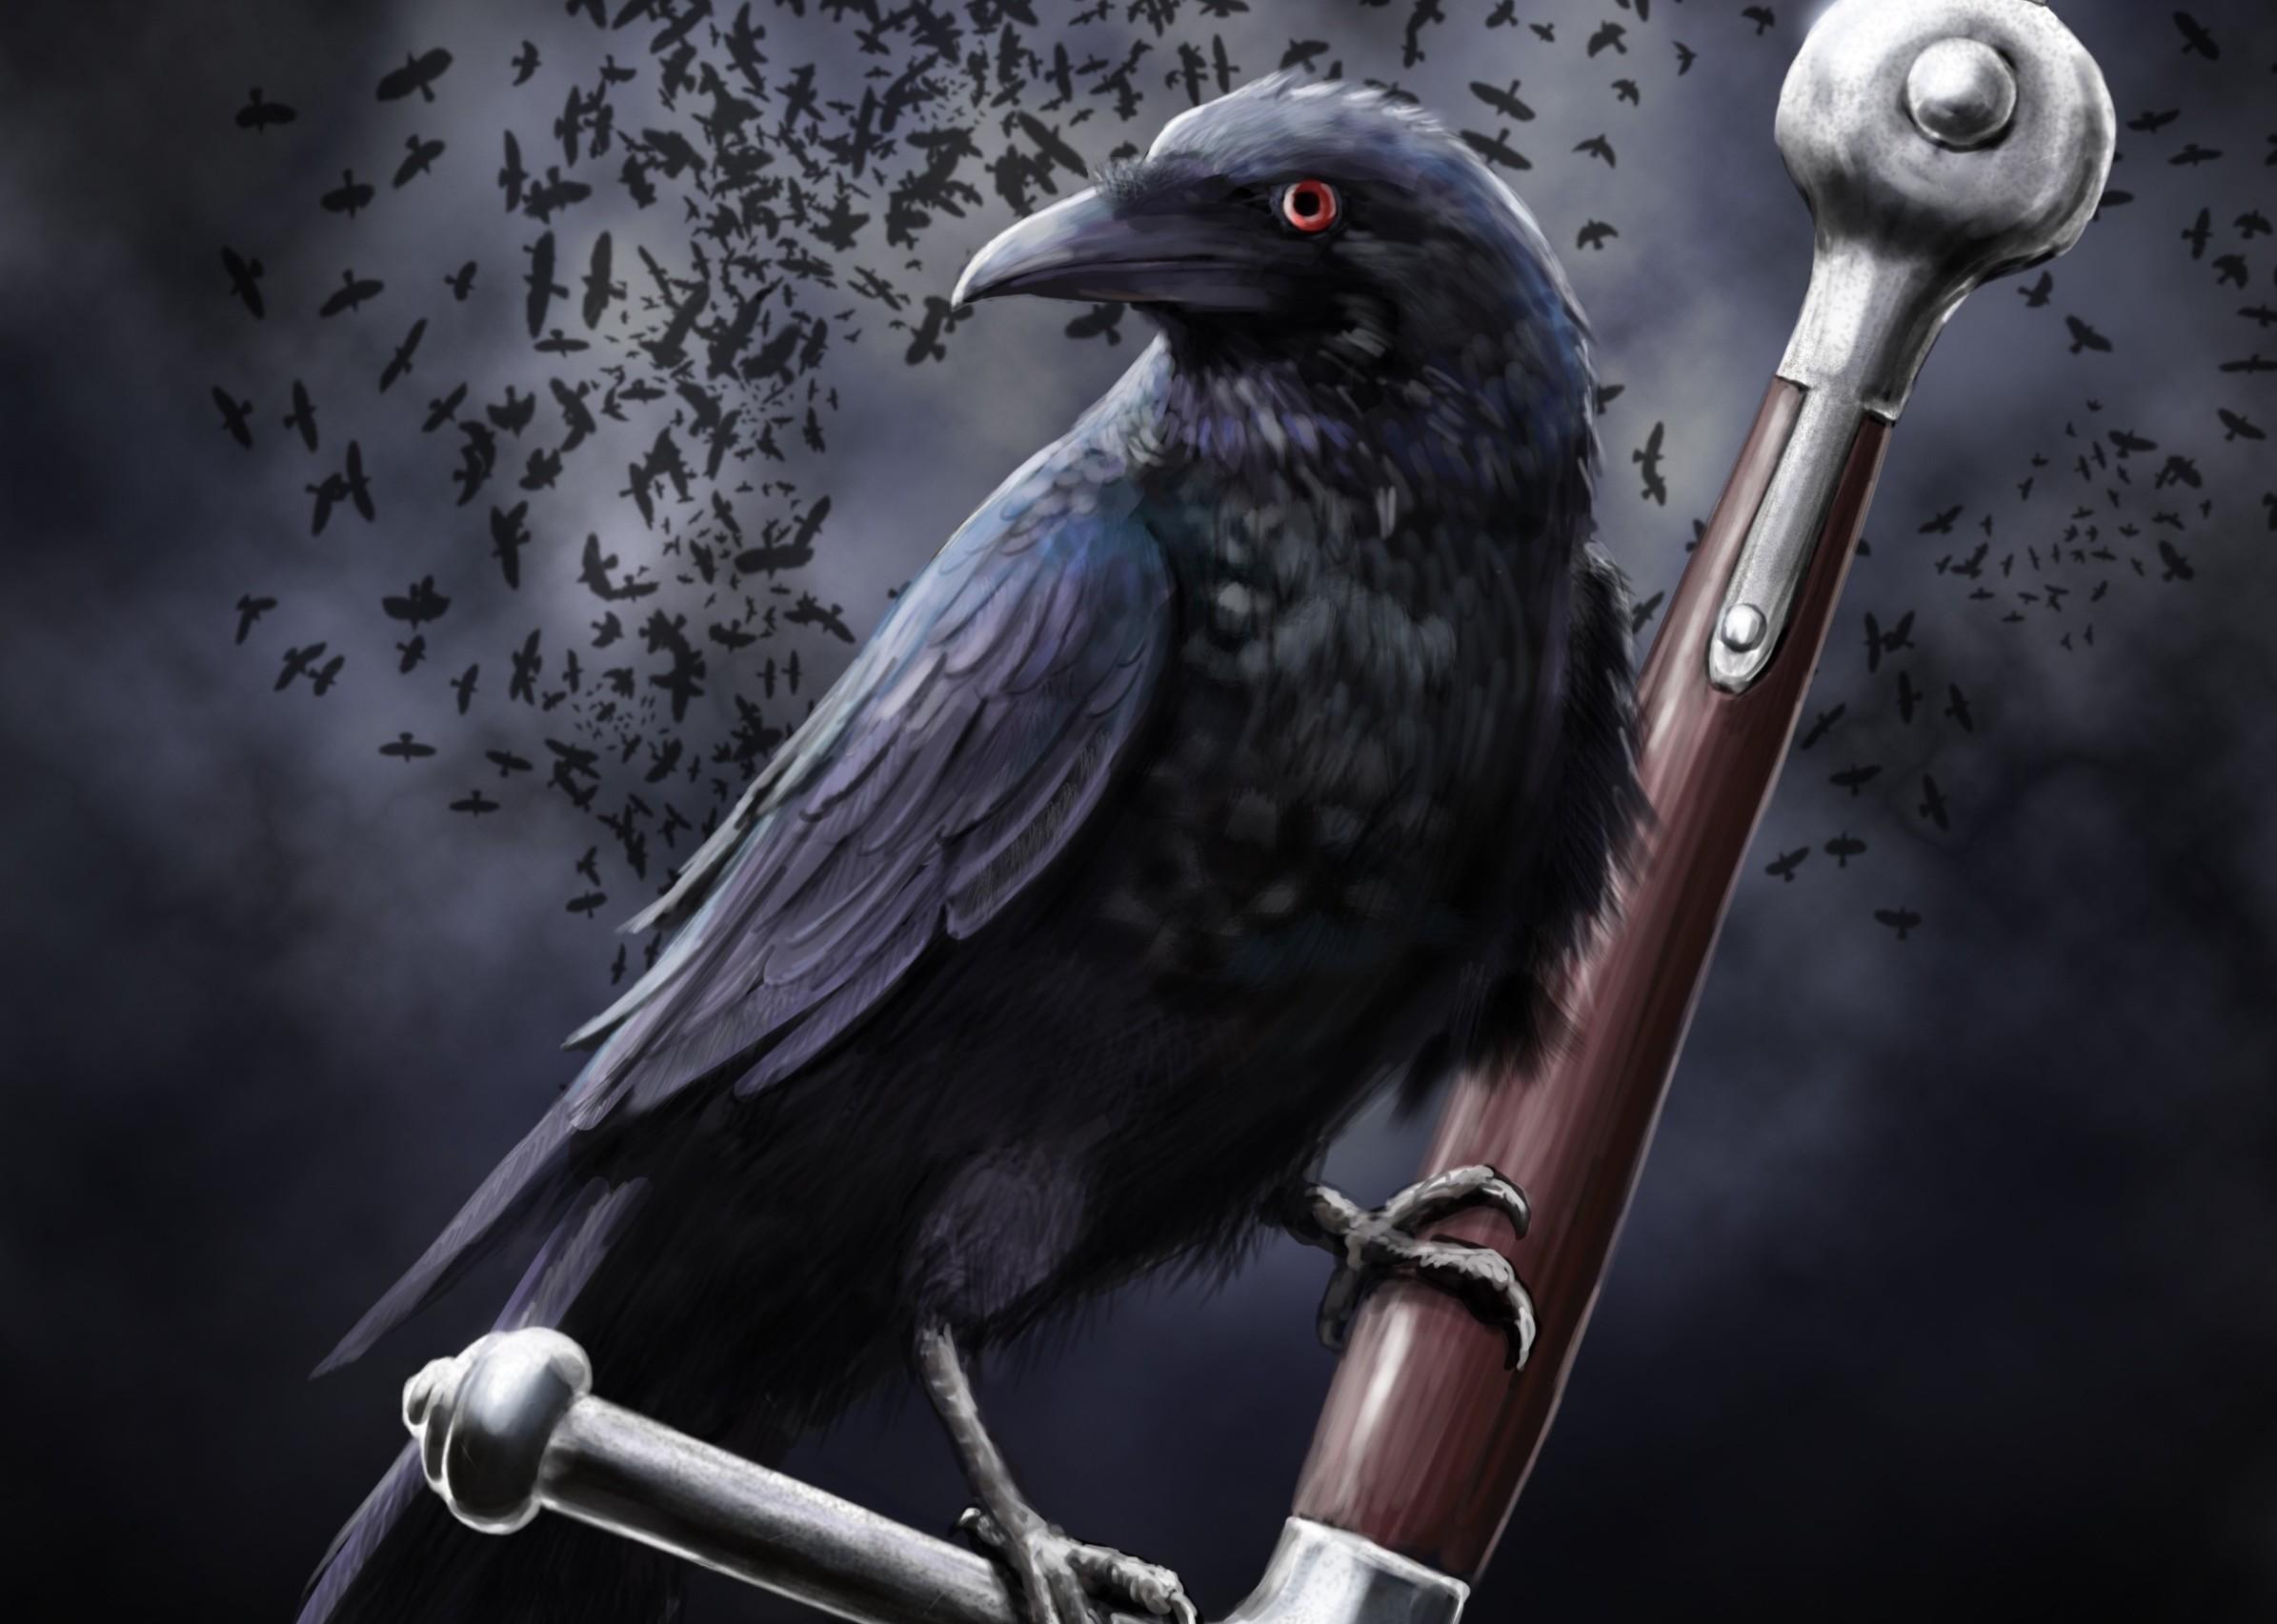 Crow Raven 2390x1705